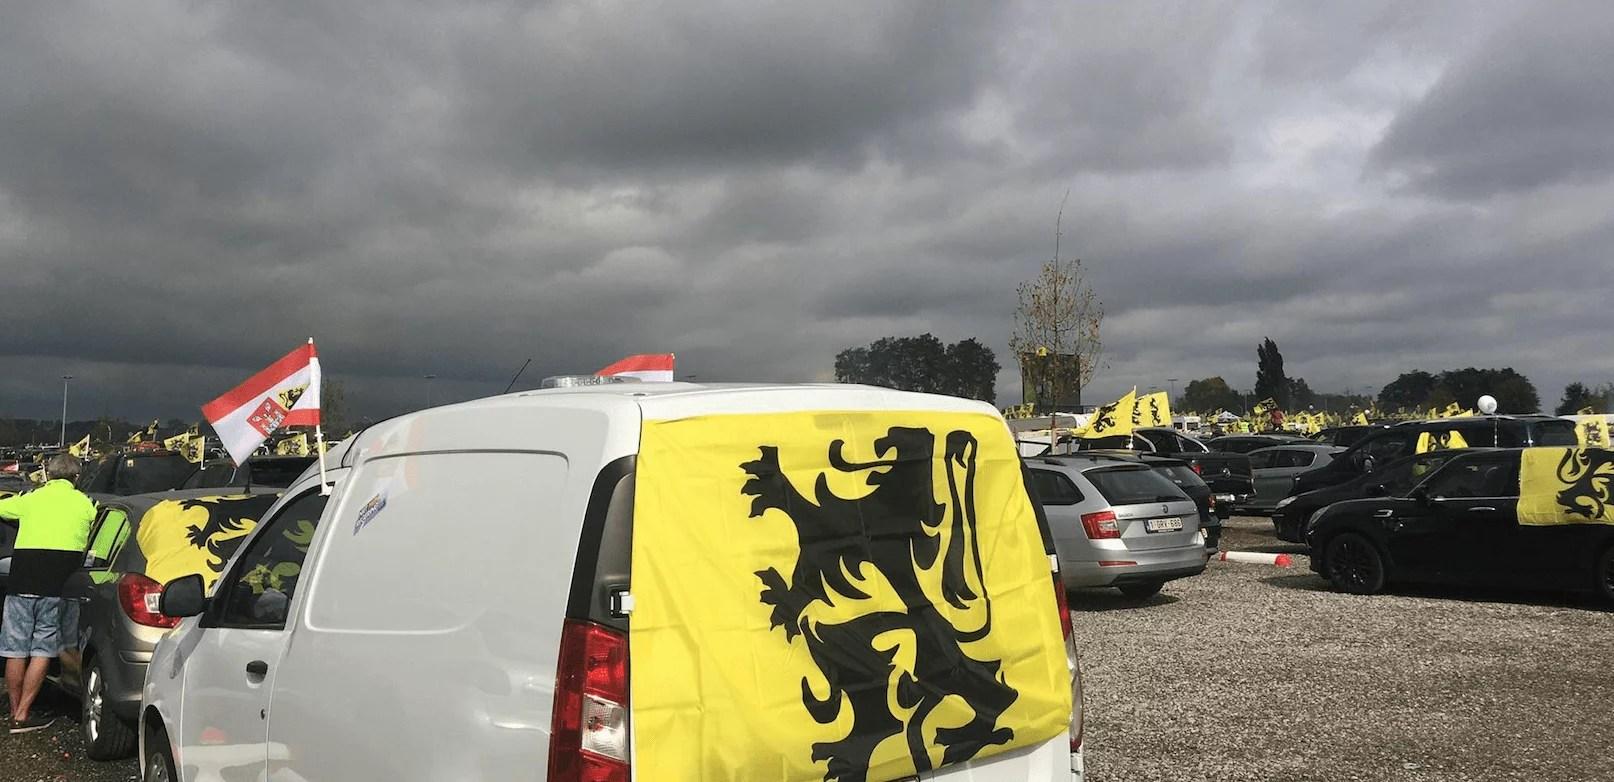 Depuis son trône jaune et noir, le Vlaams Belang appuie là où ça fait mal